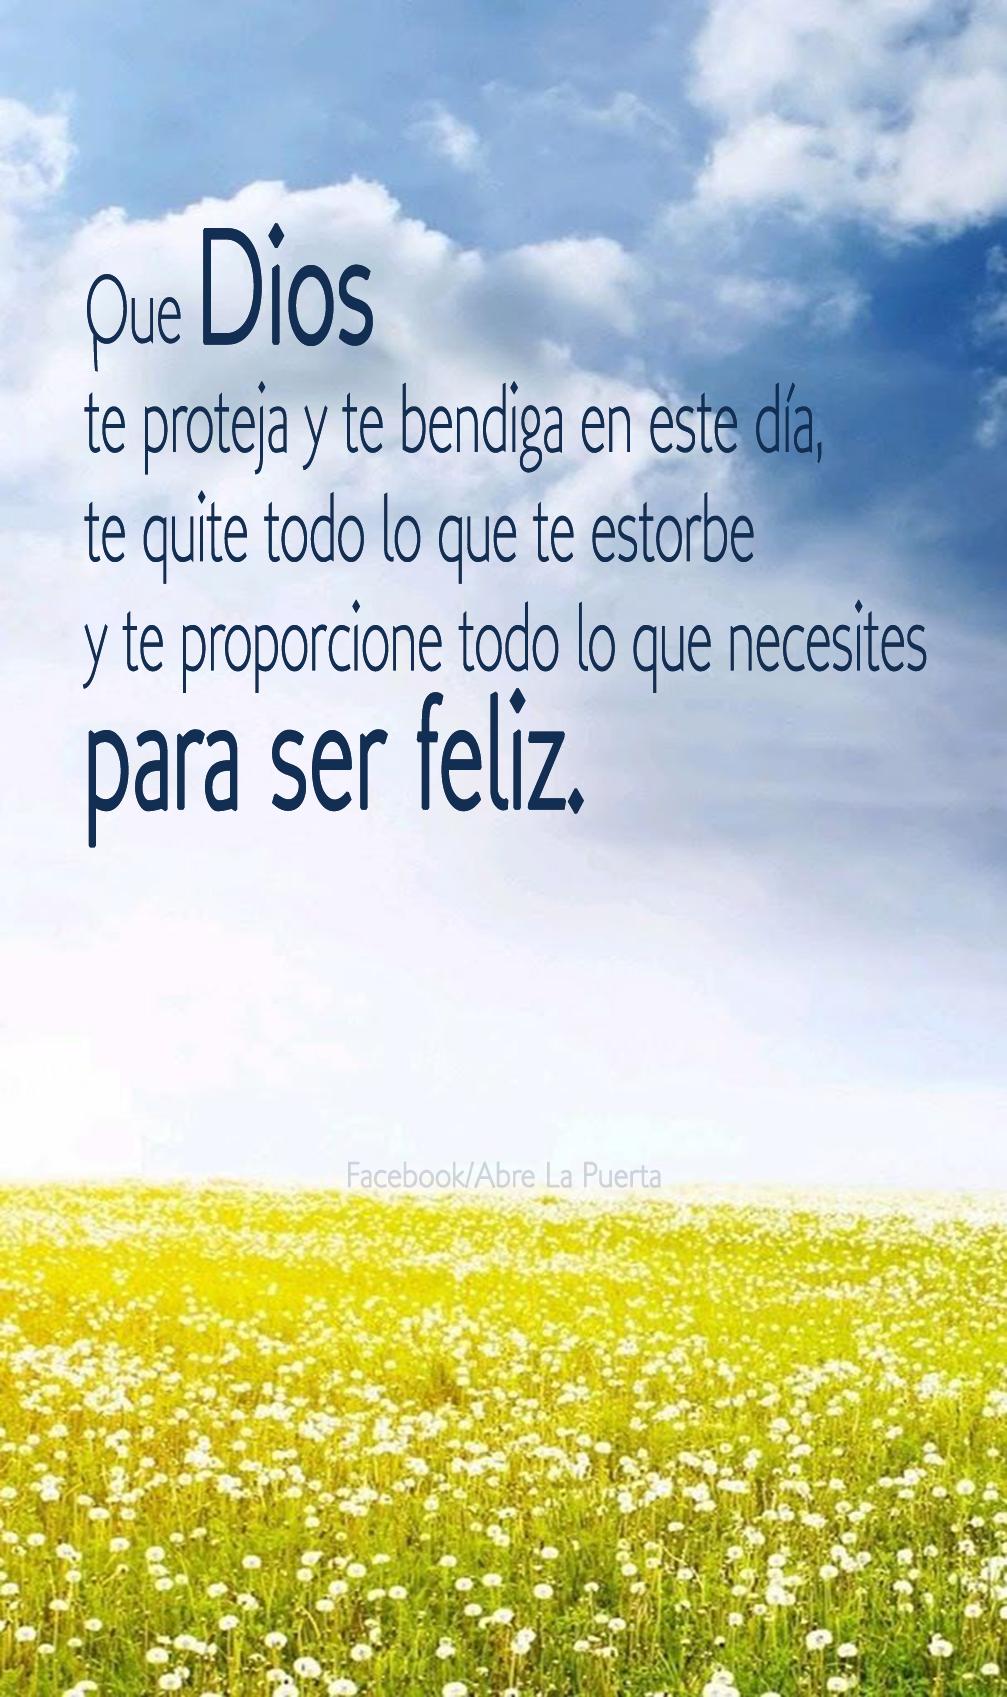 Que DIOS te proteja y te bendiga en este día, que te quite todo lo ...